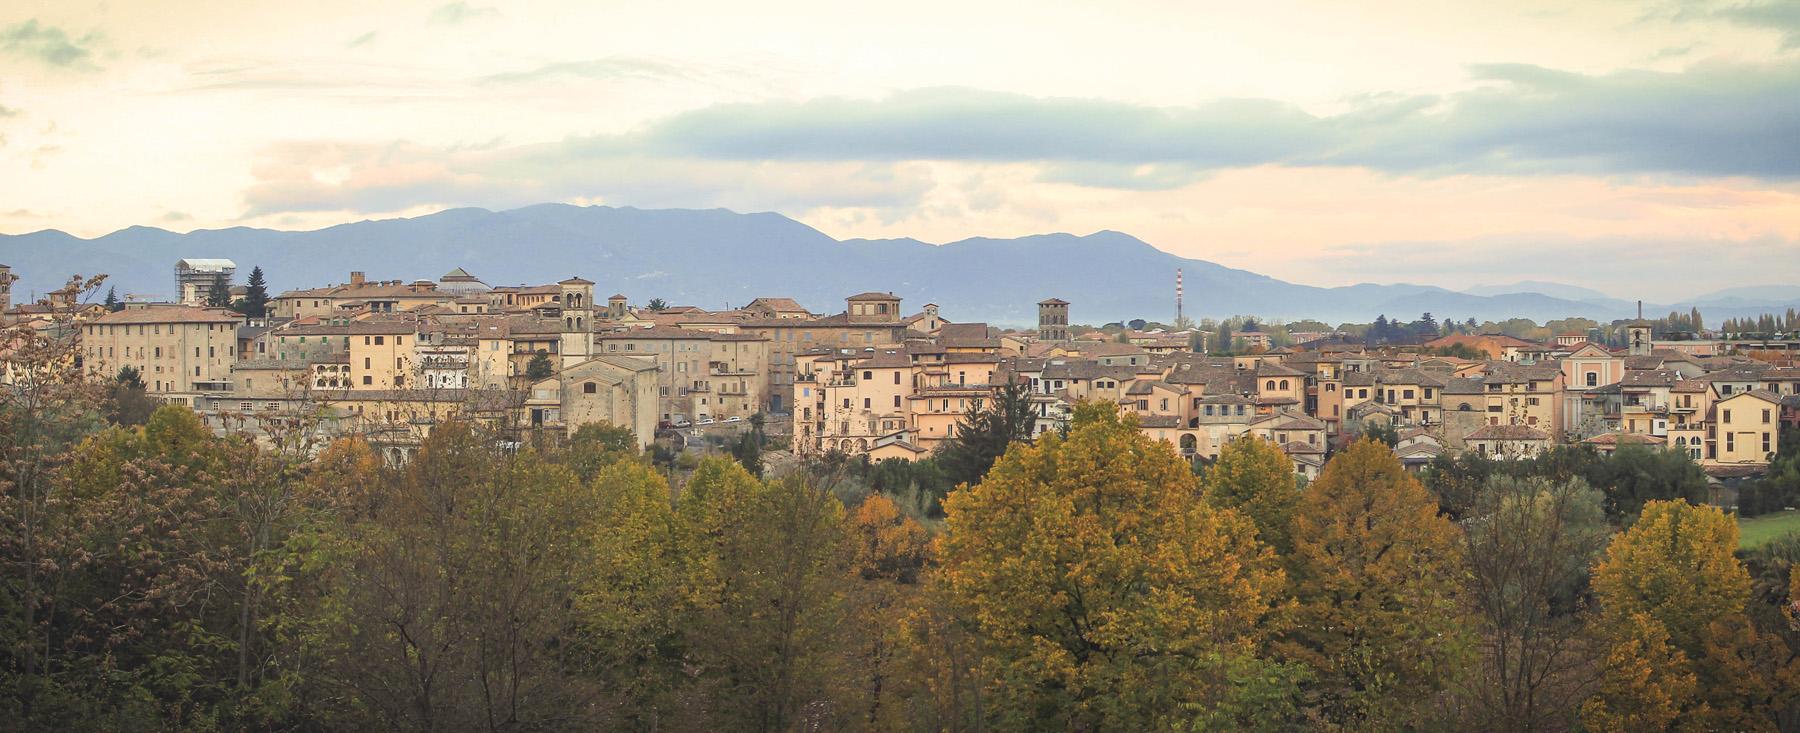 Włochy Środkowe zwiedzanie